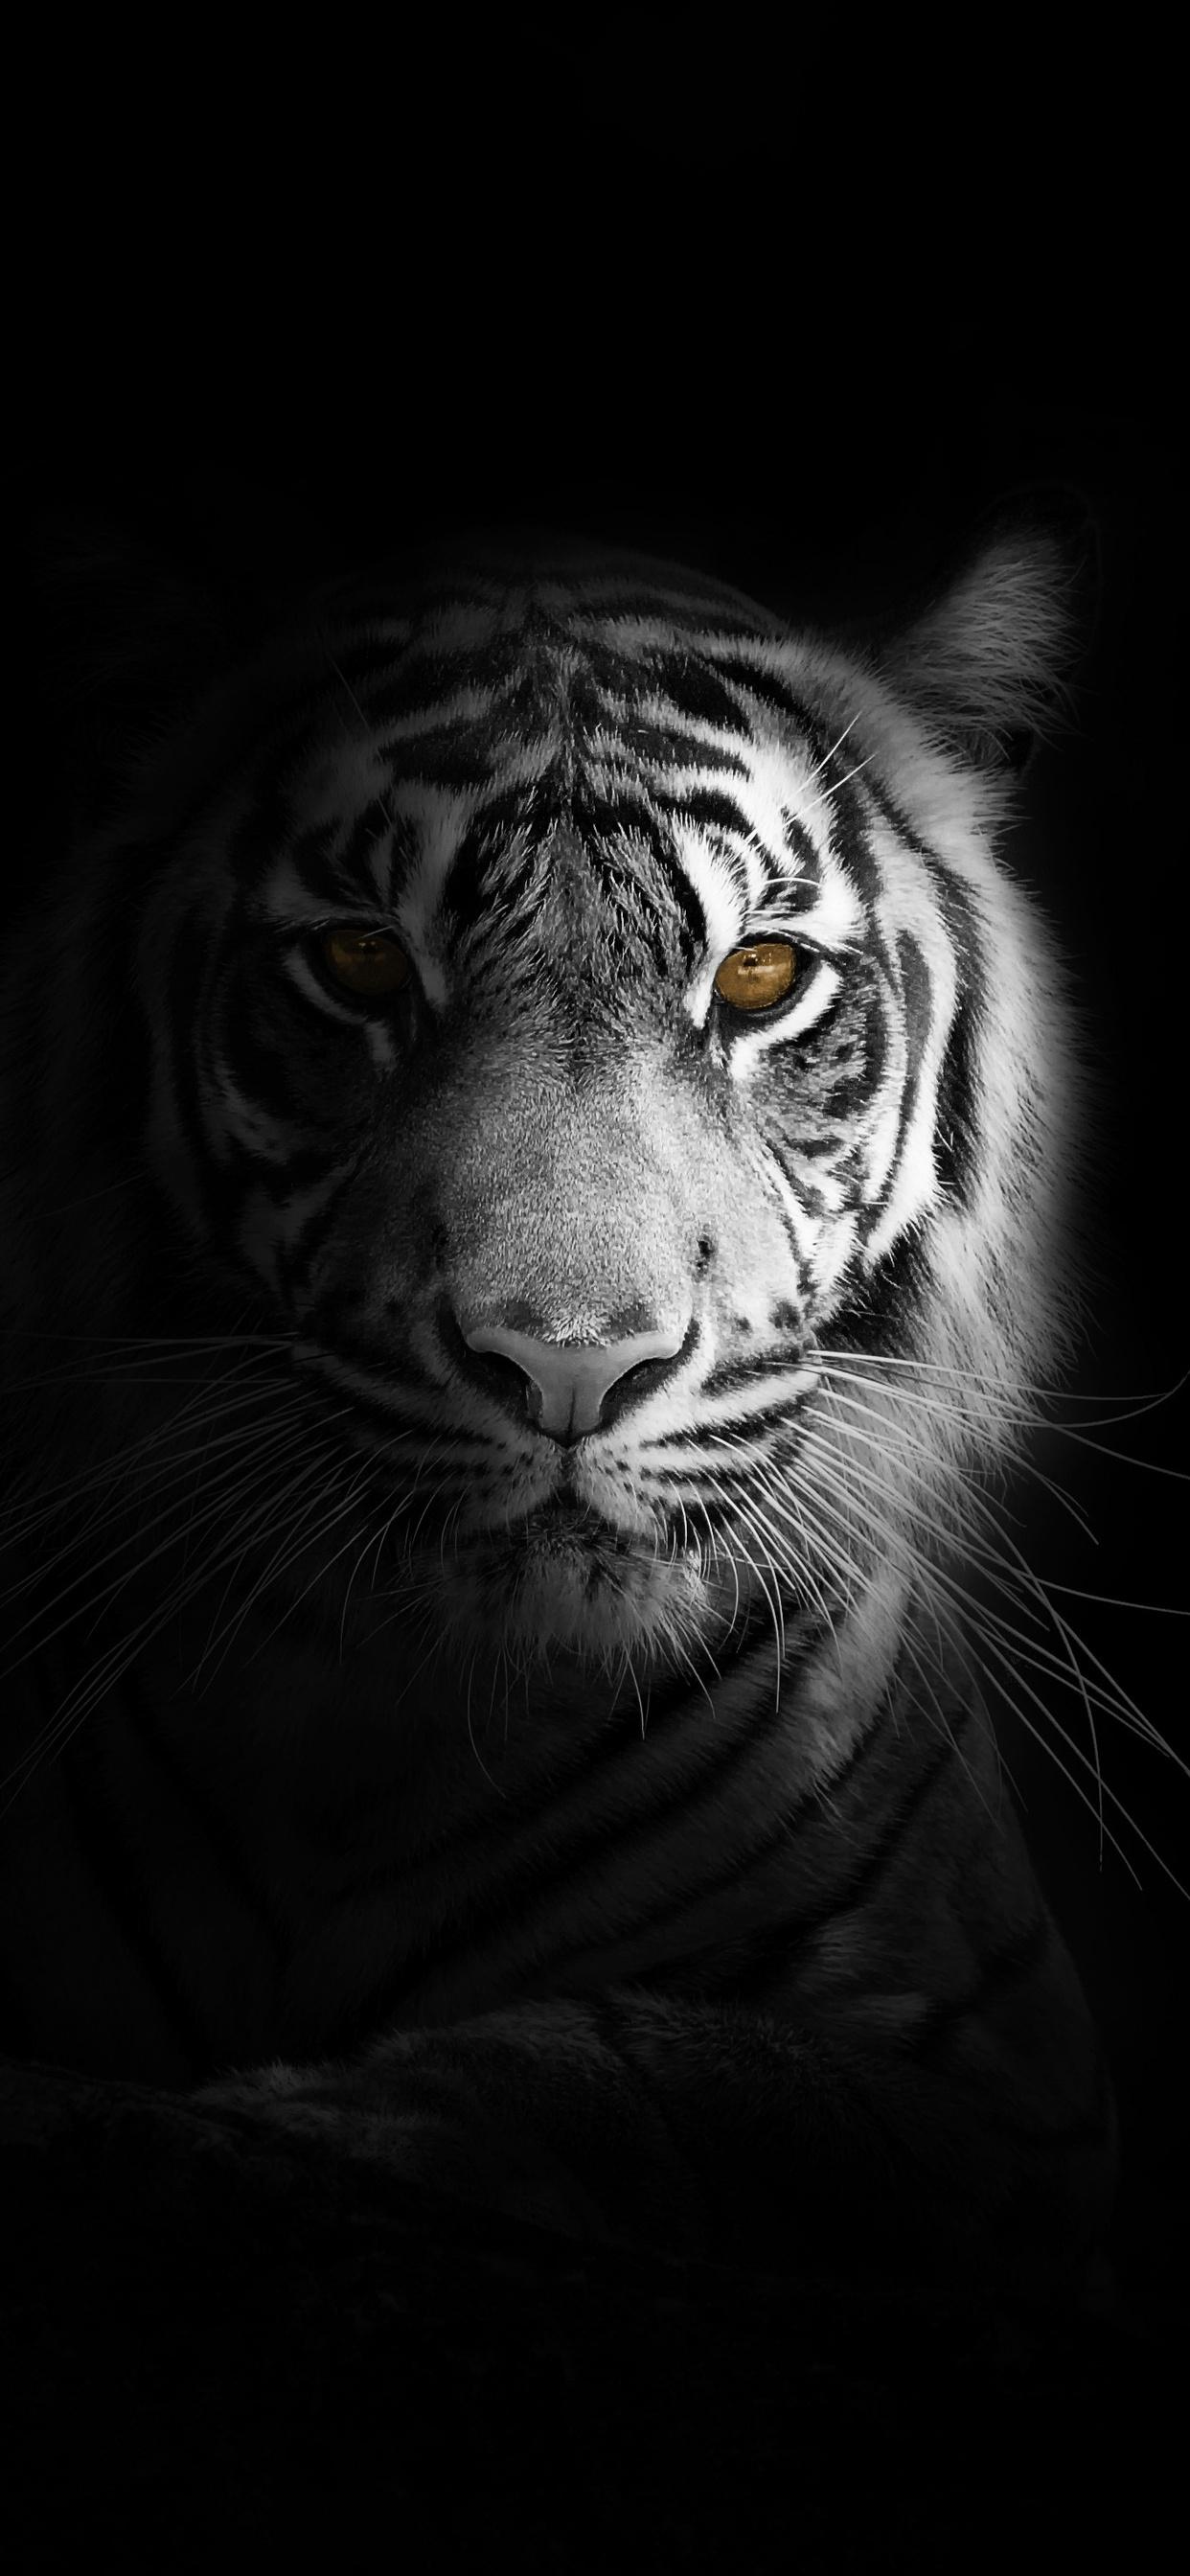 1242x2688 Big Cat Tiger 4k Iphone Xs Max Hd 4k Wallpapers